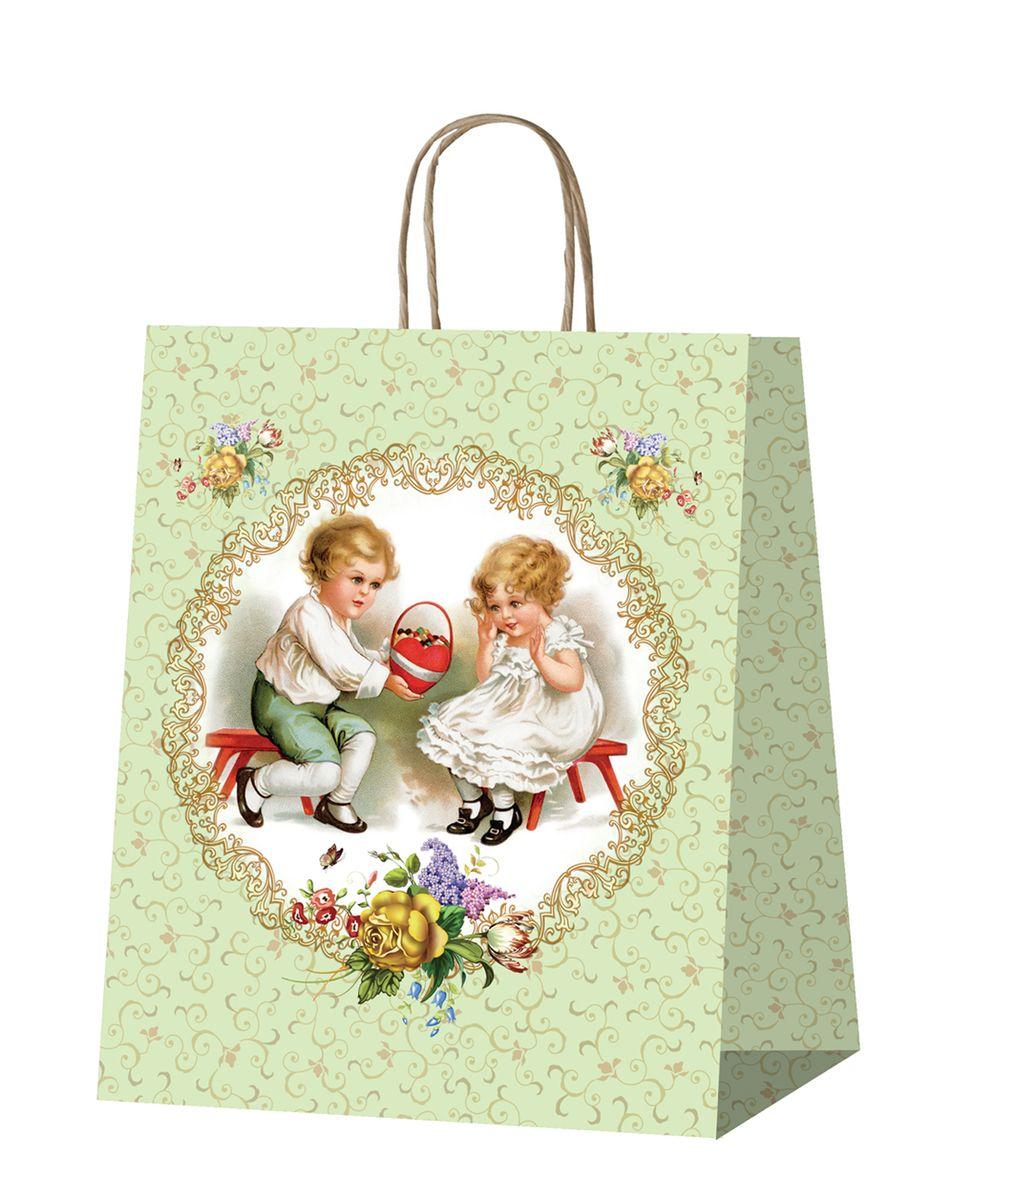 Пакет подарочный Даринчи, ручной работы, №1Пакет 1Бумажный подарочный пакет